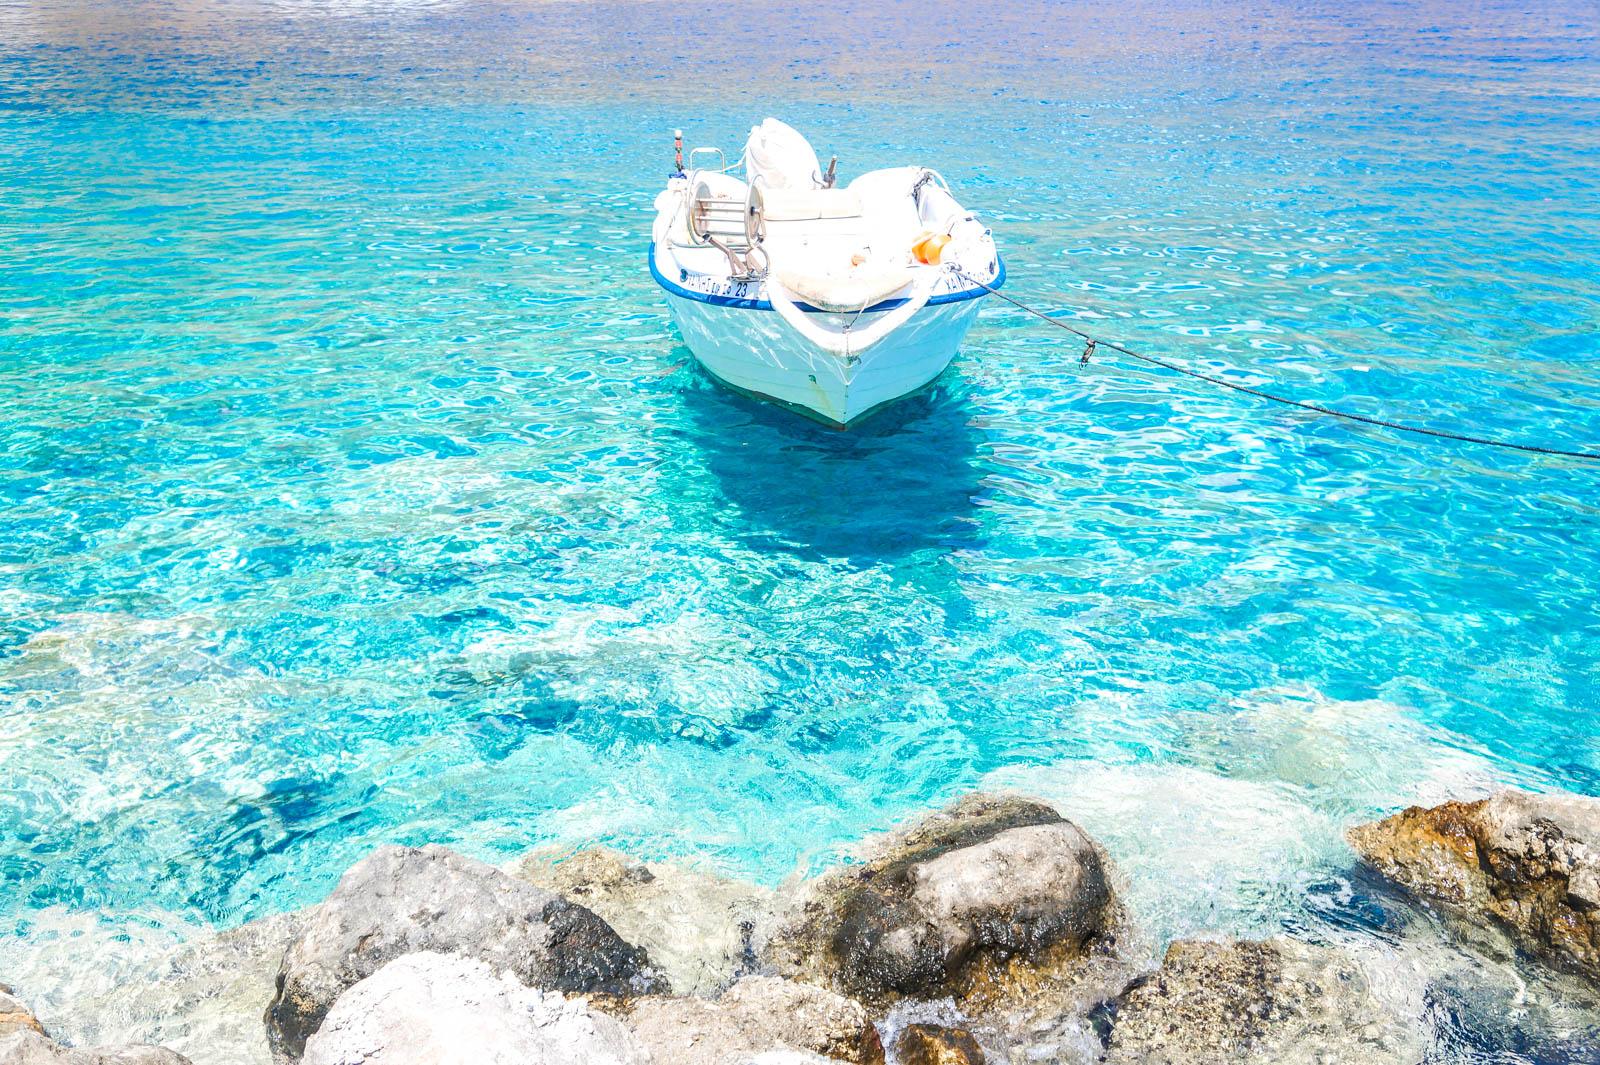 loutro-crete-greece-la-vie-en-blog-all-rights-reserved-4